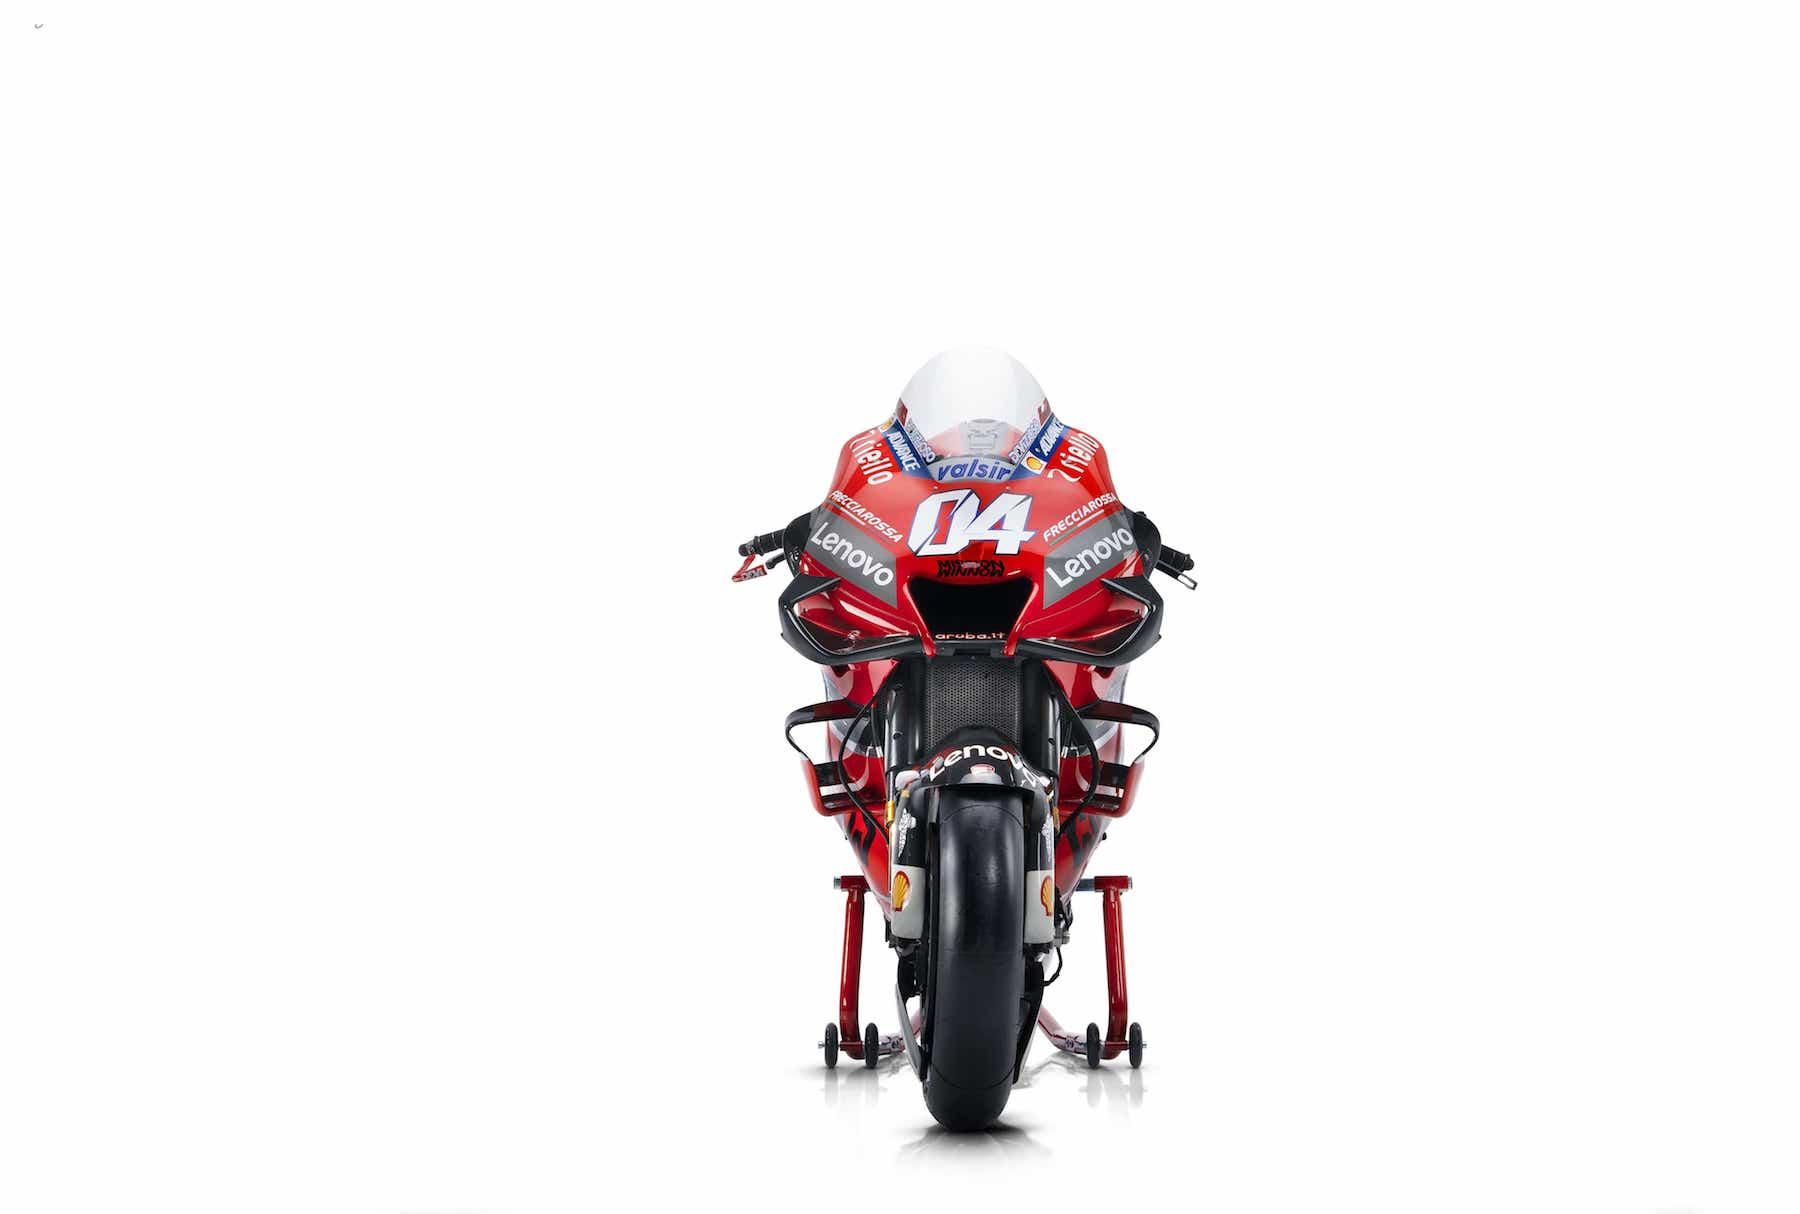 Mission Winnow Ducati Team 2020年のライダー、バイクギャラリー